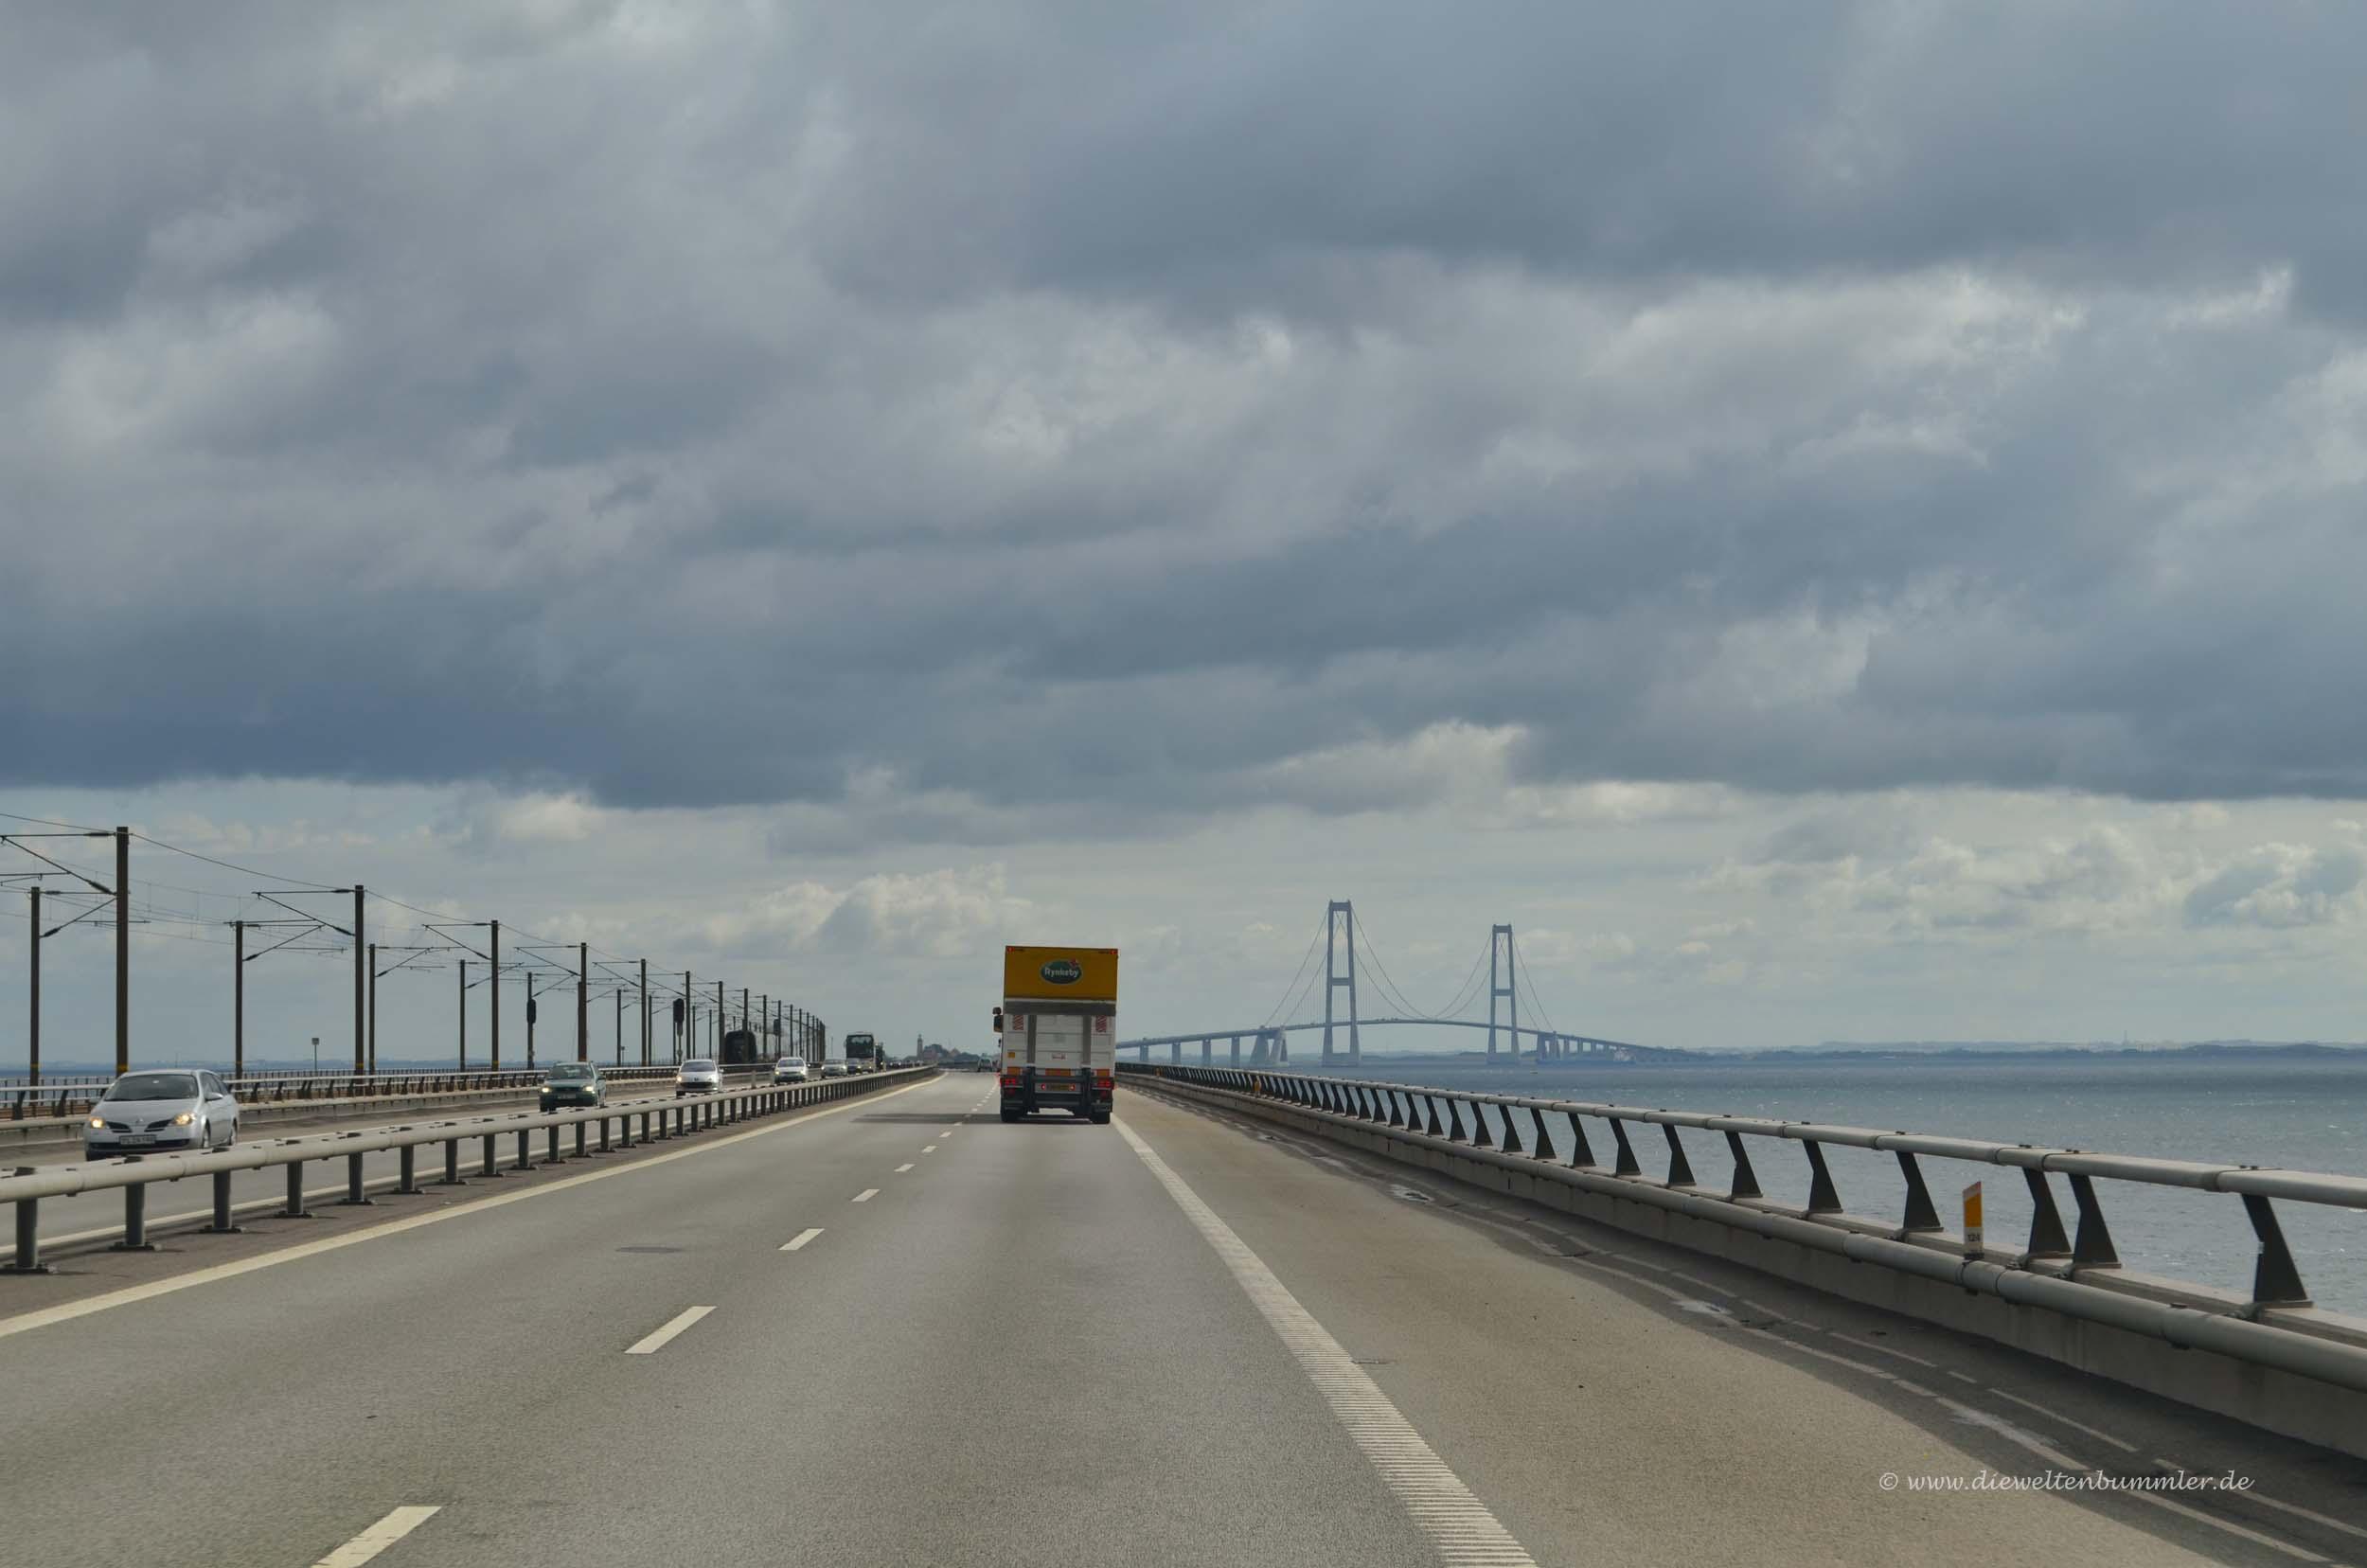 Große-Belt-Brücke in Dänemark